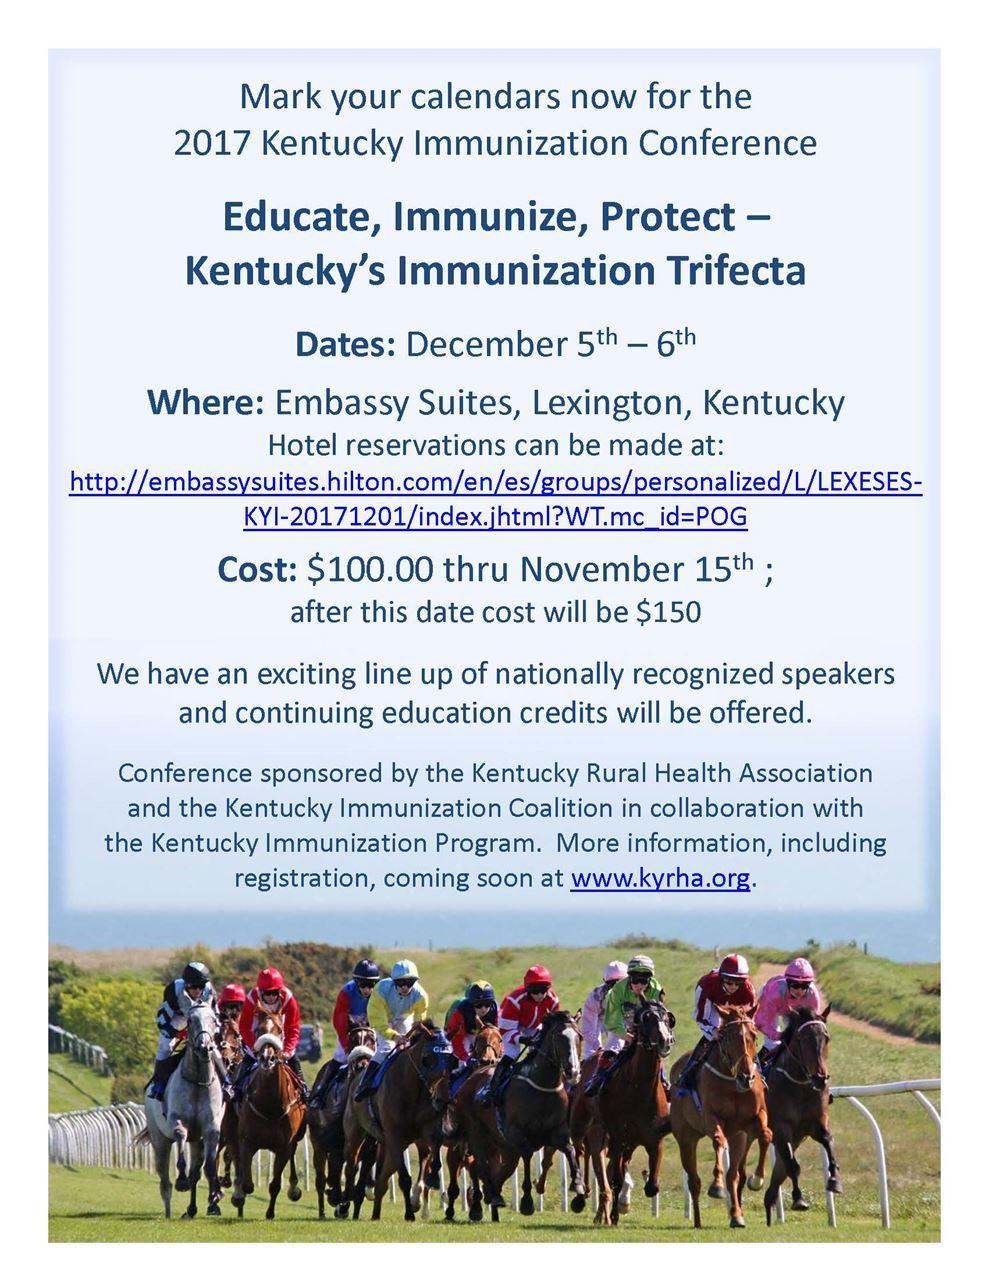 Kentucky Rural Health Association - 2017 Immunization Conference